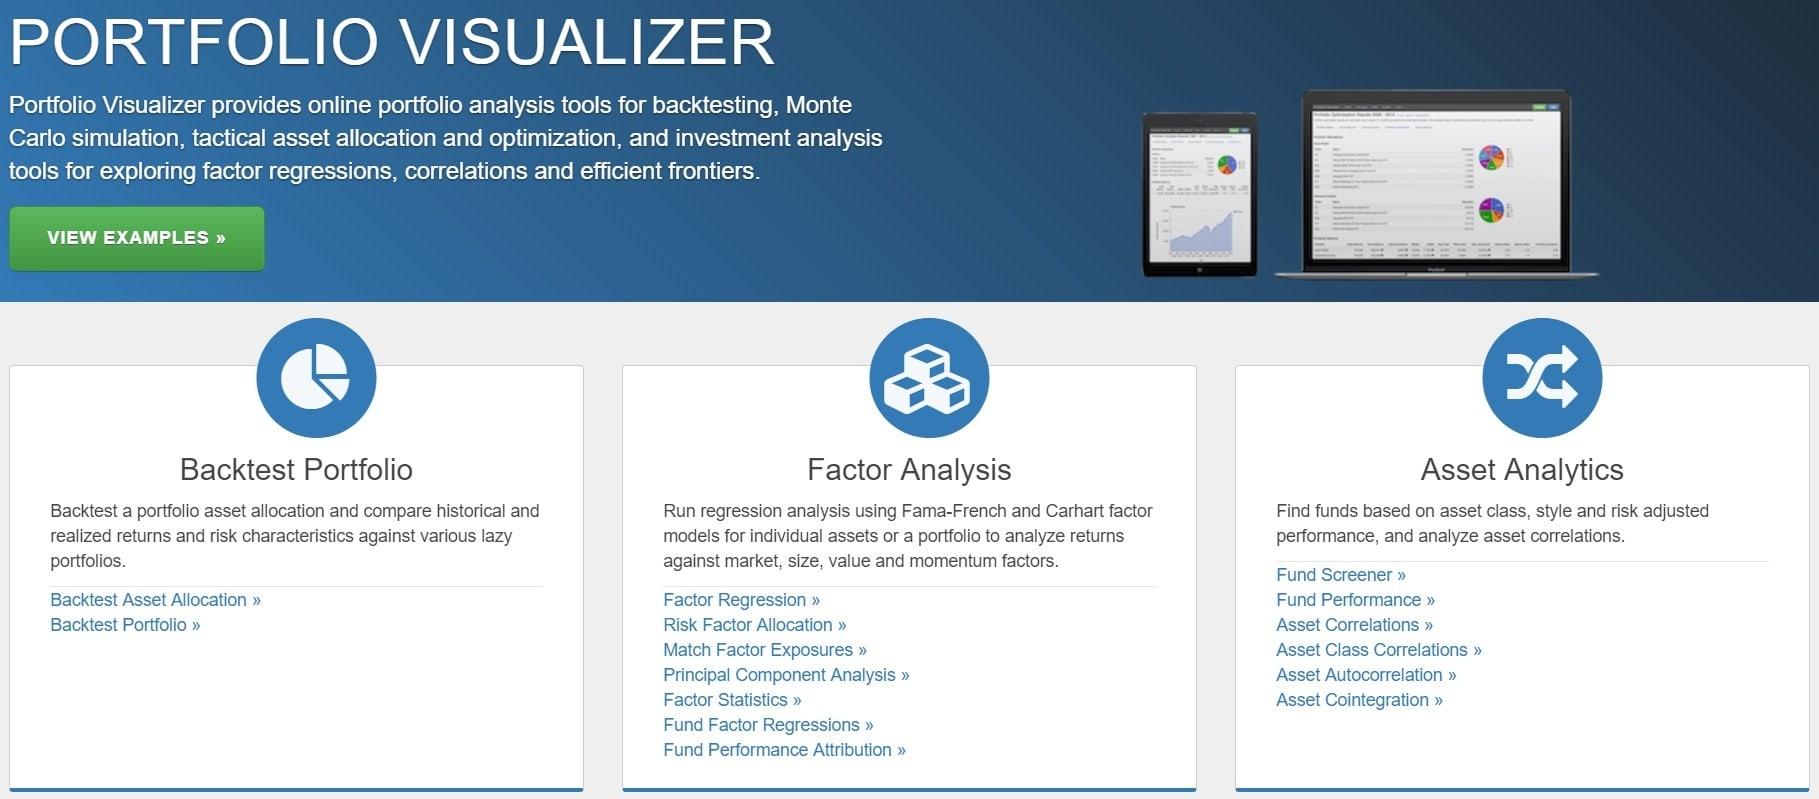 portfoliovisualizer.com сайт для работы с портфелями акций США